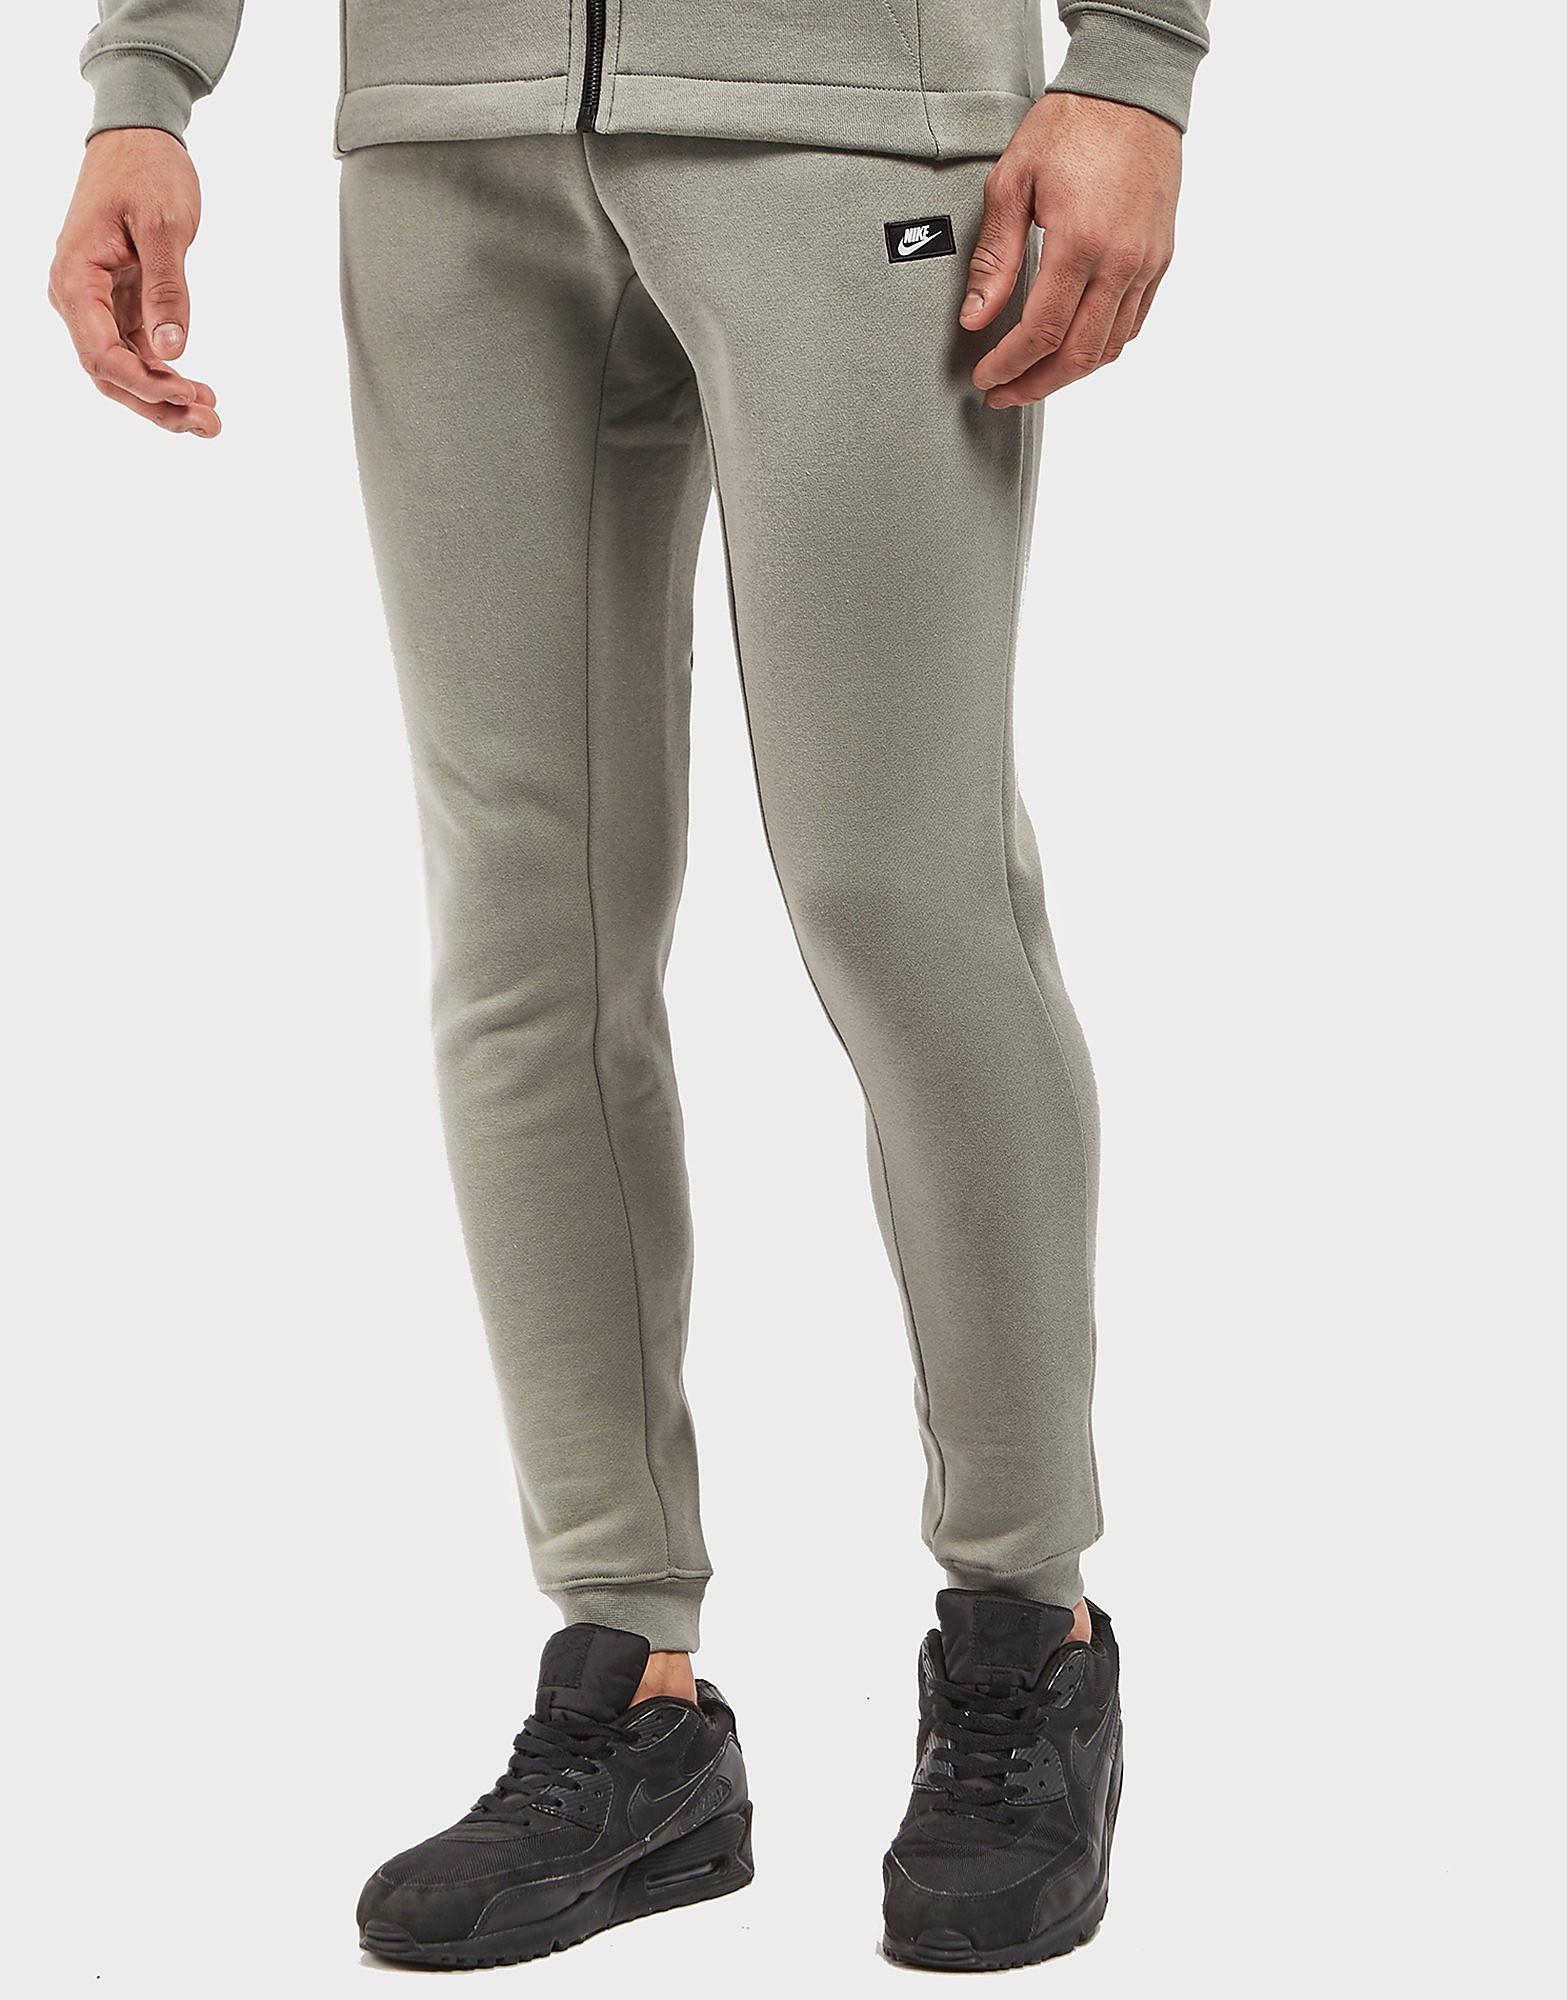 Nike Modern BBK Cuffed Track Pants